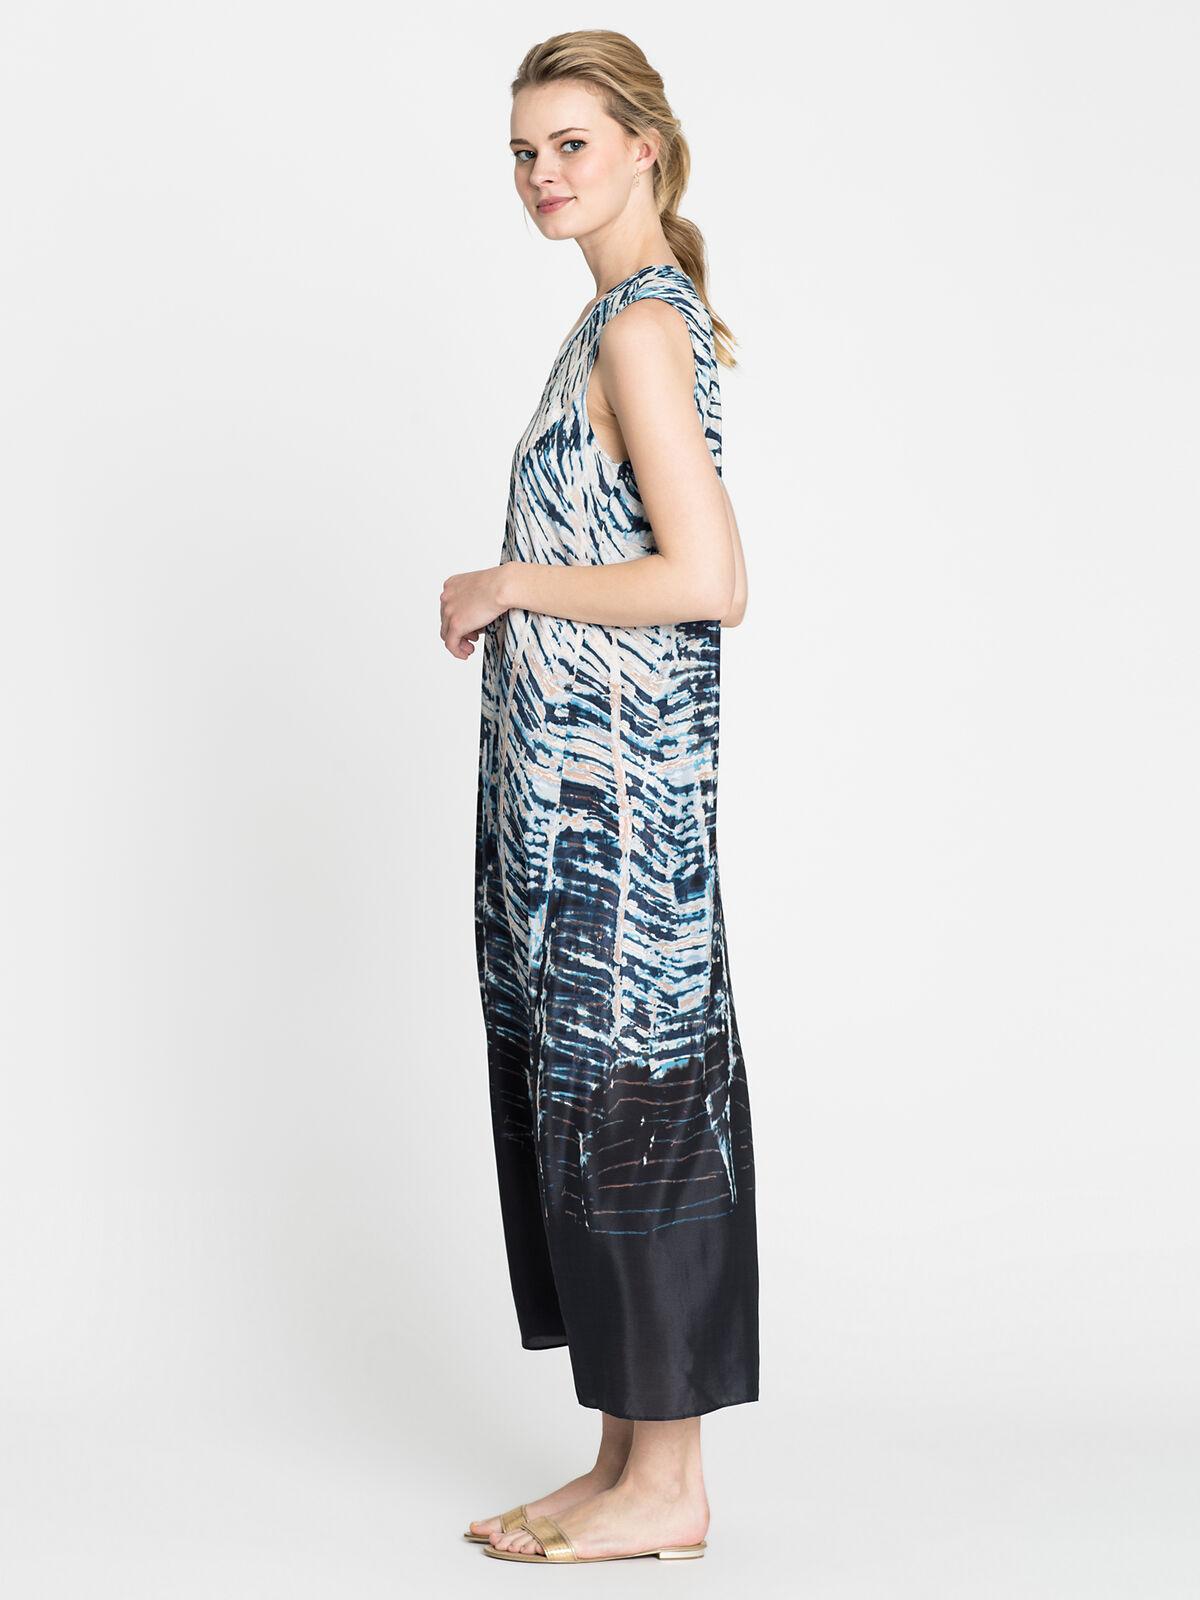 Tinago Dress